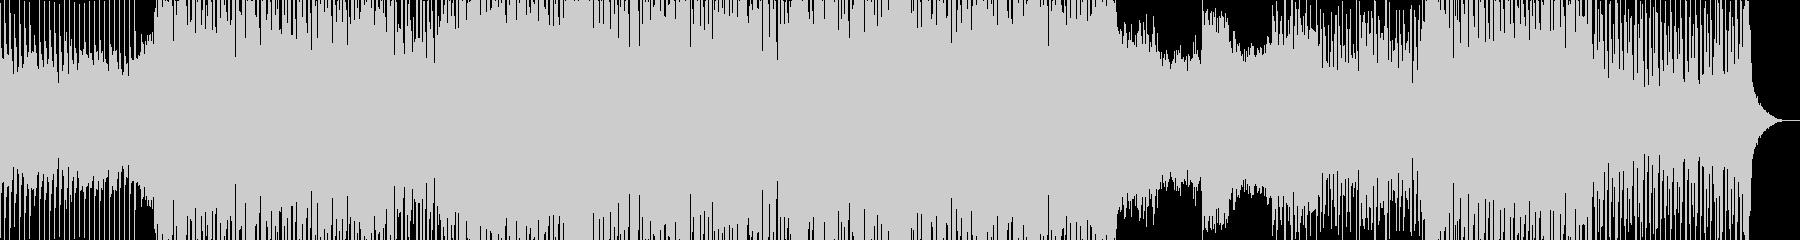 ゲームのBGM向けハウストラックの未再生の波形